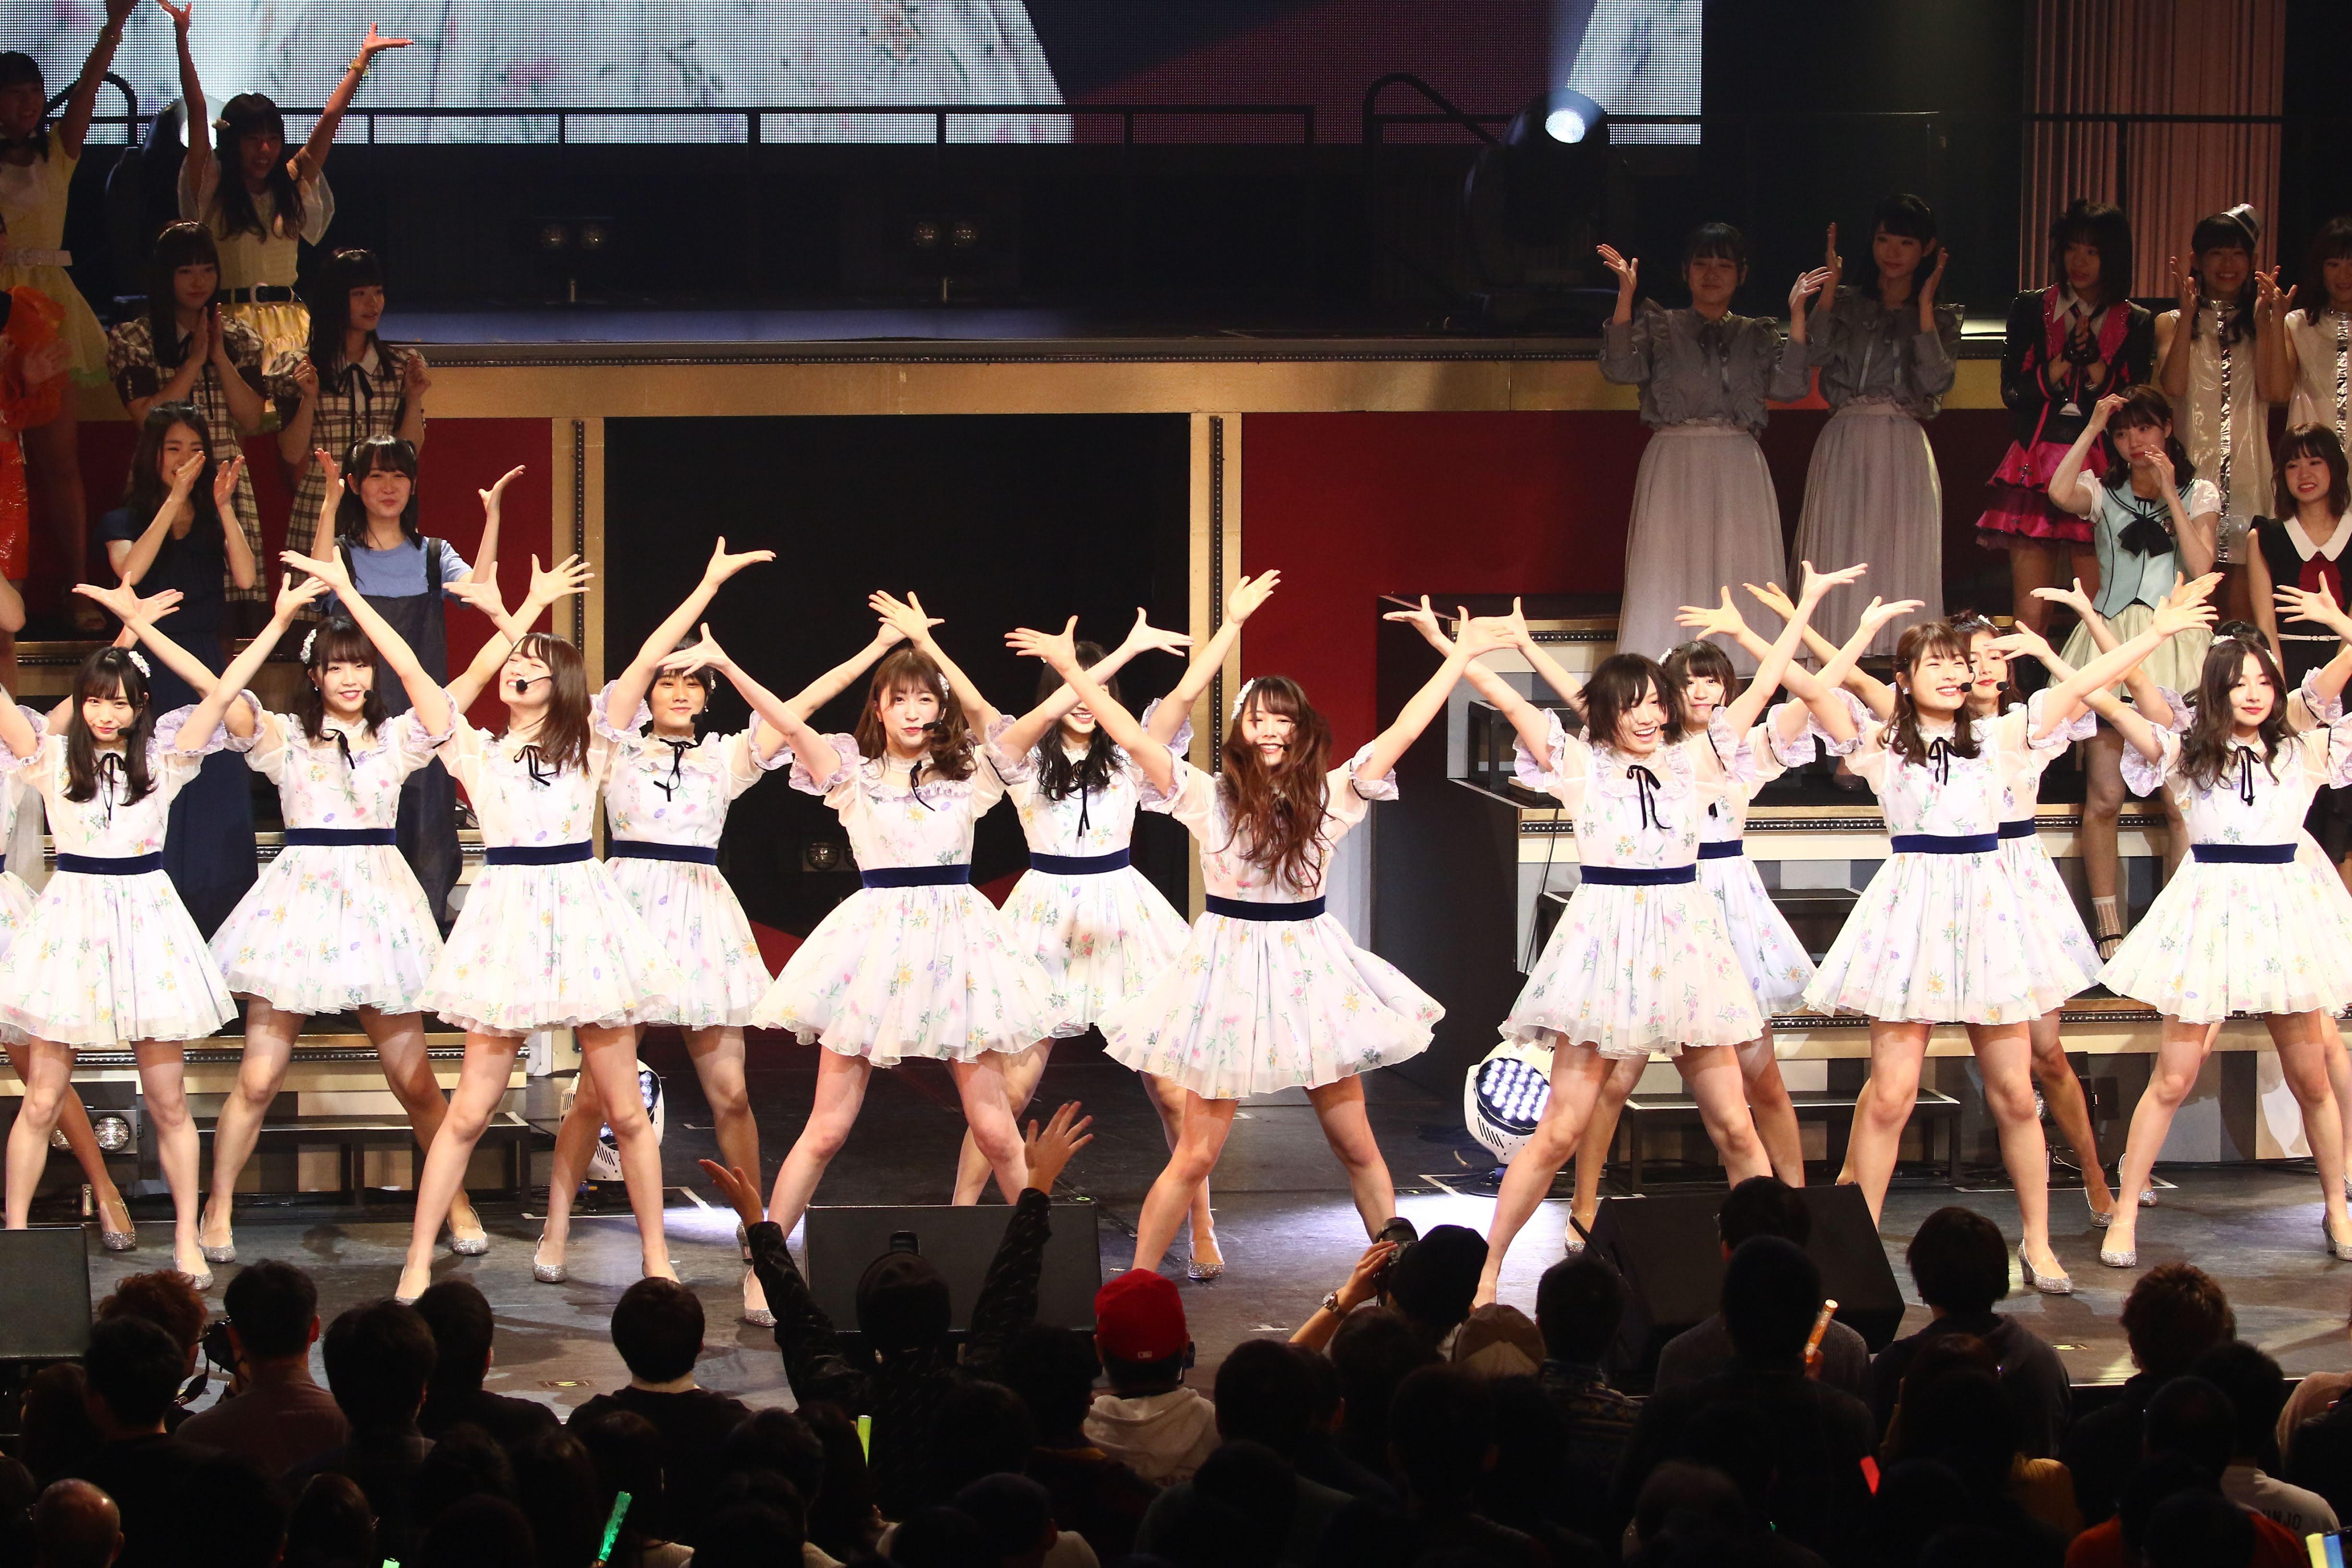 【NMB48】AKB48グループリクエストアワー2019 TOP75位〜51位の順位、ライブ画像、裏配信の様子など。